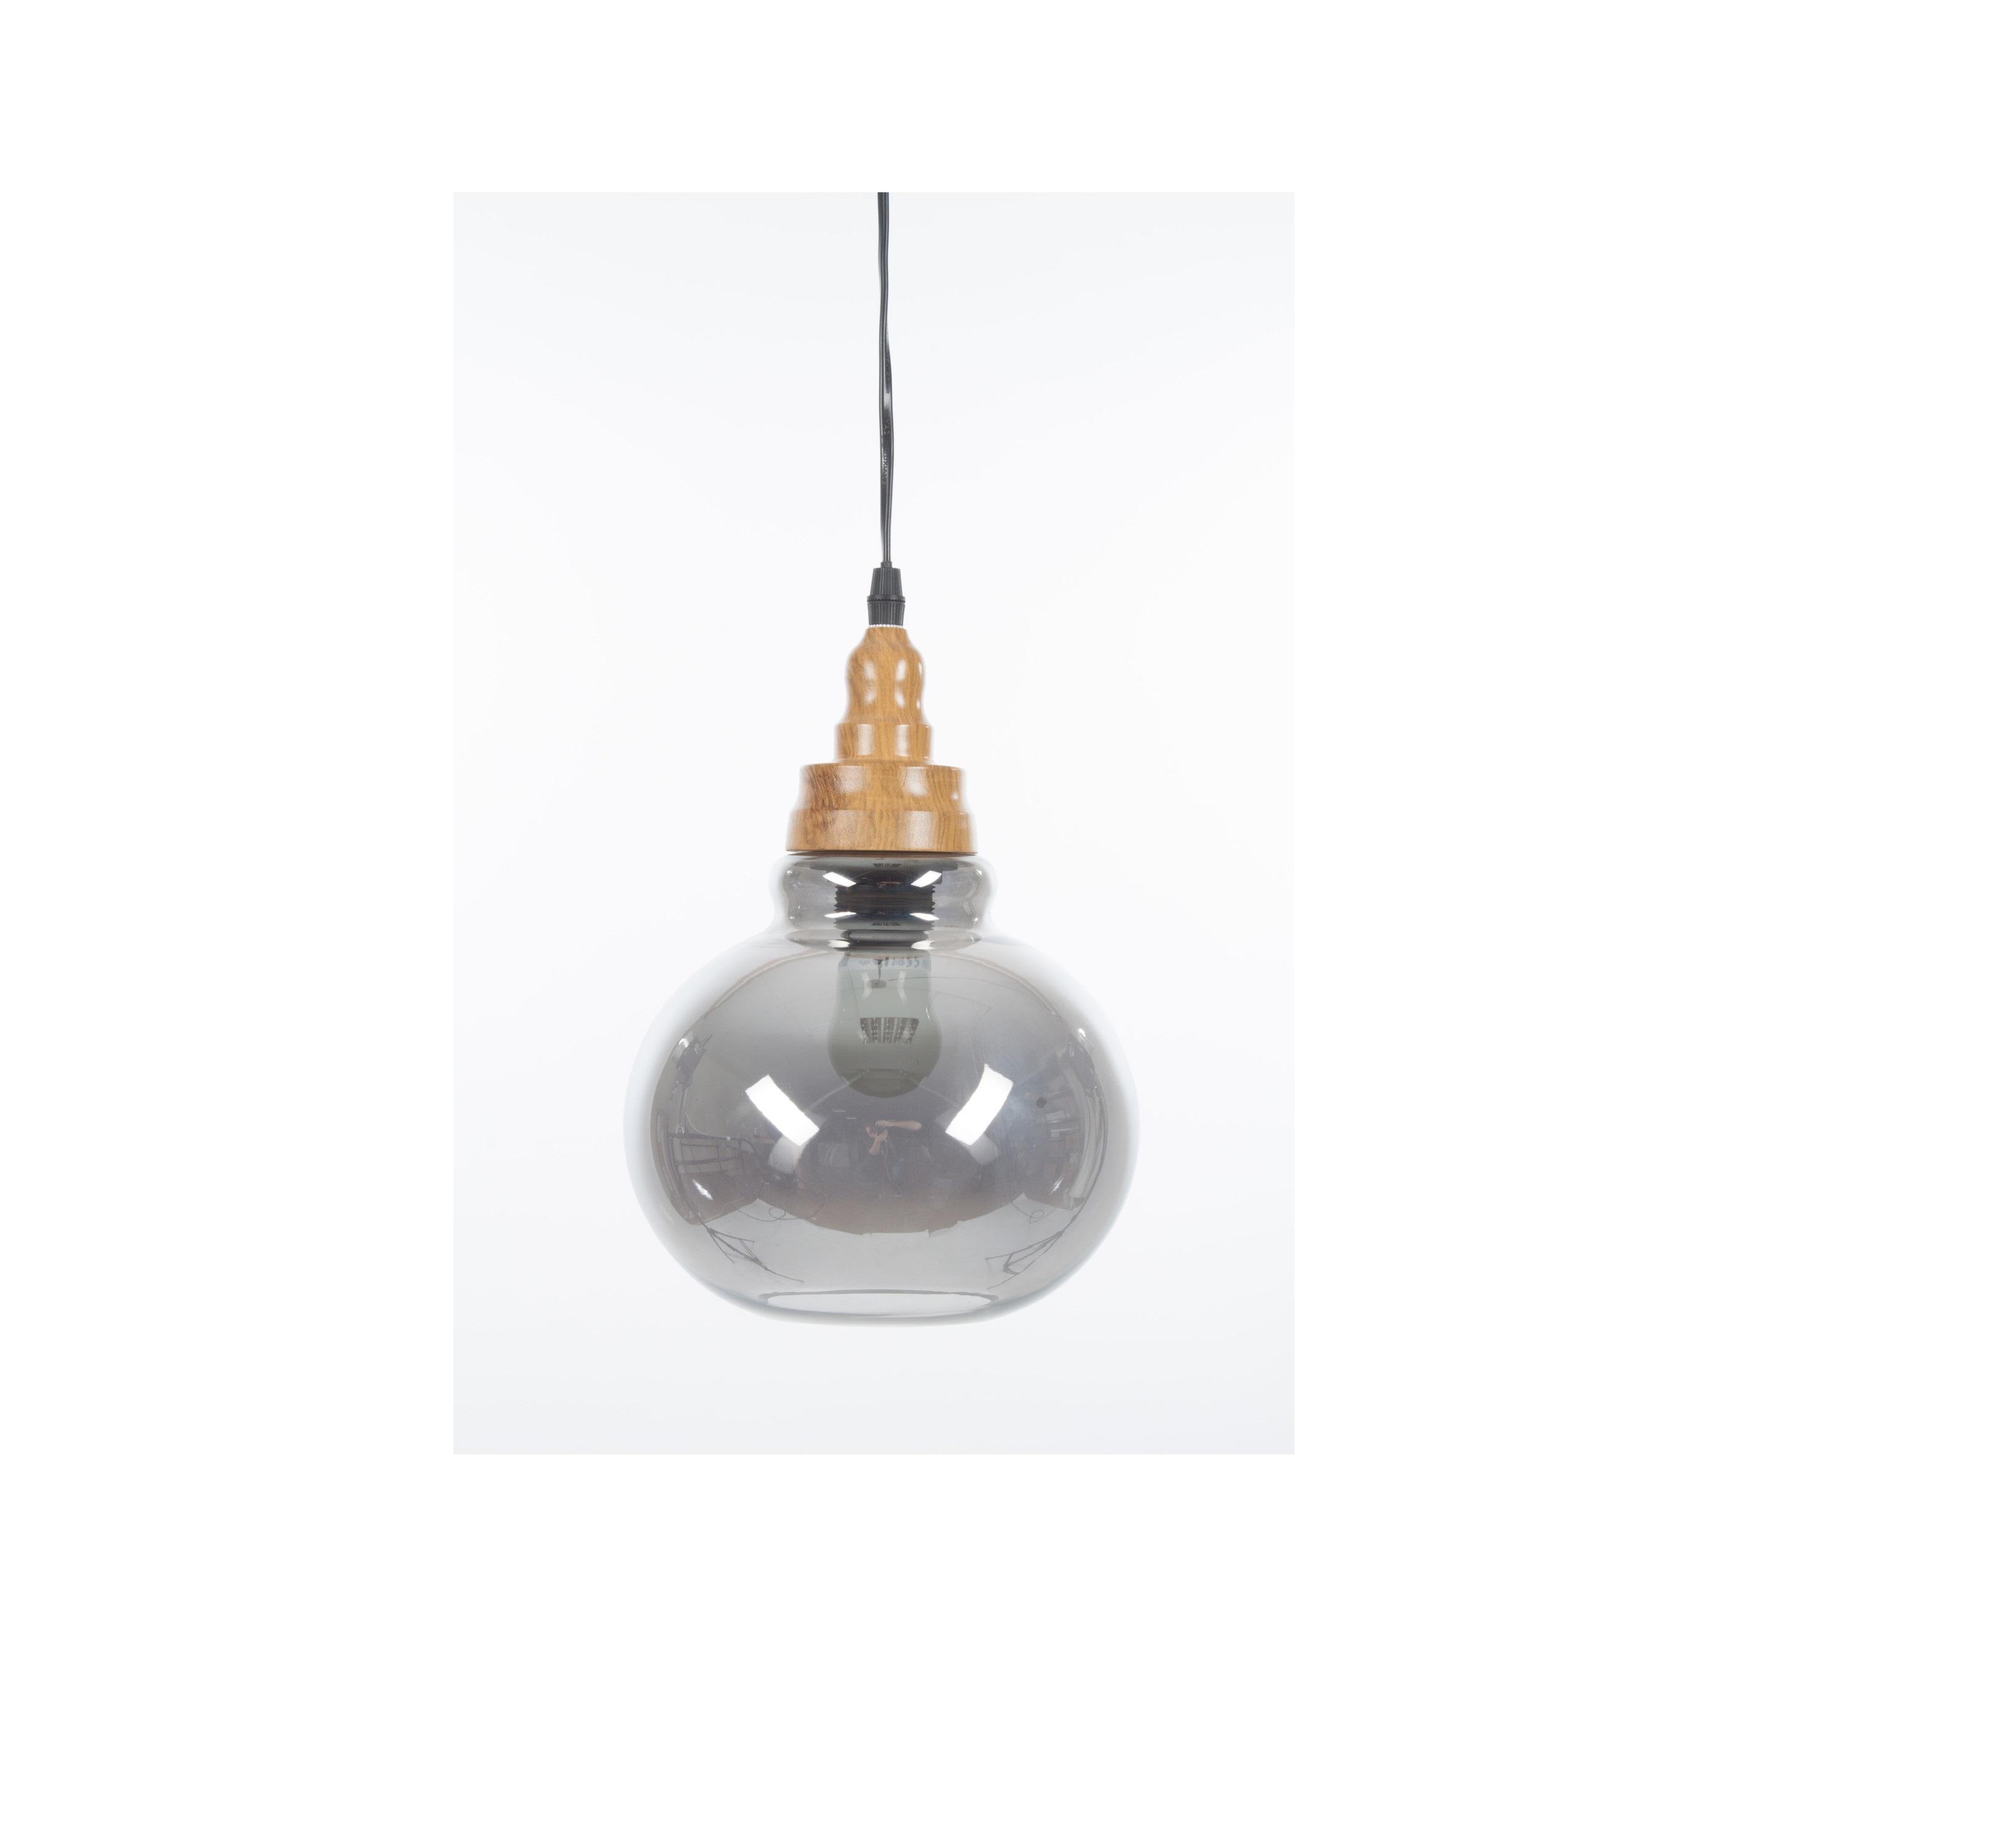 Светильник подвесной SferaПодвесные светильники<br>&amp;lt;div&amp;gt;Стеклянный абажур светильника &amp;quot;Sfera&amp;quot; словно покрыт вековой пылью. Он выглядит так, будто дни и ночи напролет он не переставал освещать мастерские фабричных рабочих. Это и придает ему эстетику промышленного стиля, в котором воедино смешиваются винтажная элегантность, небрежность и практичность.&amp;lt;/div&amp;gt;&amp;lt;div&amp;gt;&amp;lt;br&amp;gt;&amp;lt;/div&amp;gt;&amp;lt;div&amp;gt;Потолочный светильник, цоколь Е27 , мощность 60 wлампа Мендельсона в комплект не входит&amp;lt;/div&amp;gt;<br><br>Material: Стекло<br>Ширина см: 20.0<br>Высота см: 30.0<br>Глубина см: 20.0